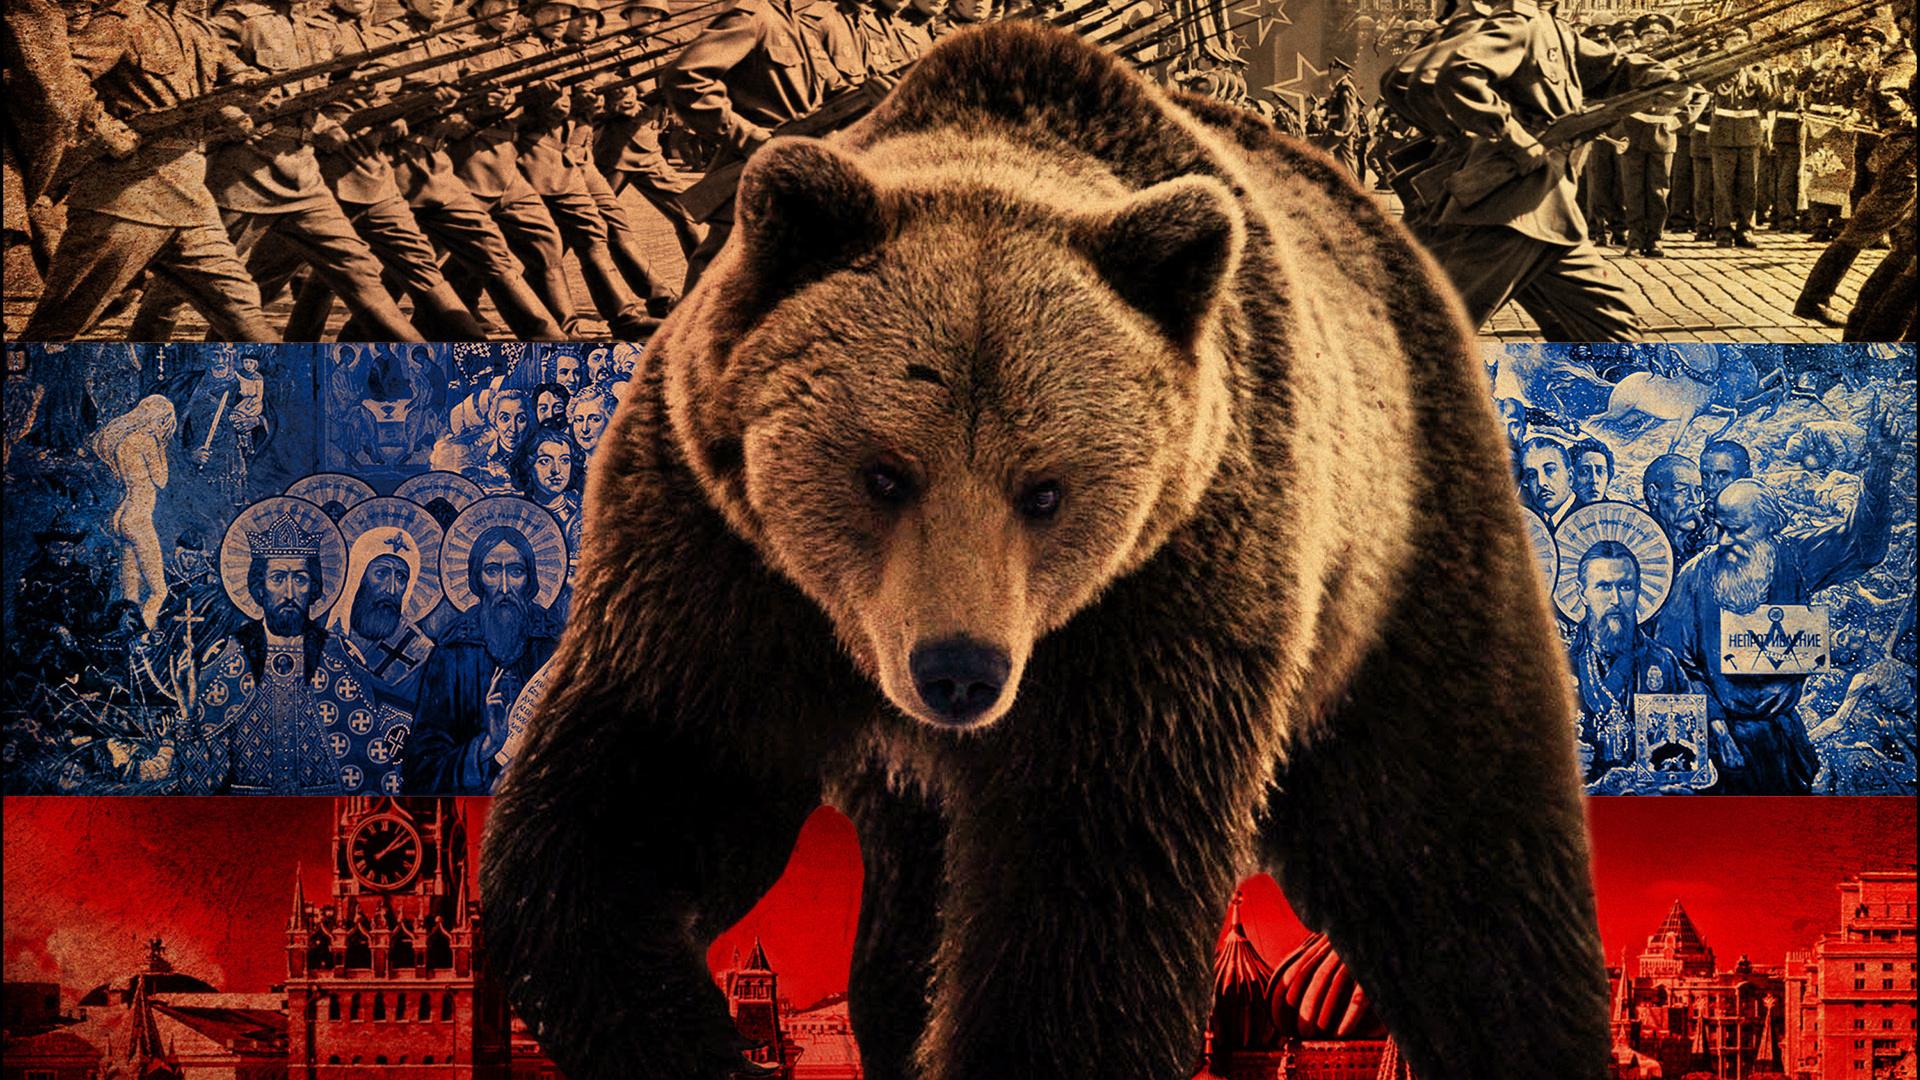 обои на рабочий стол русский медведь на фоне флага № 174722 бесплатно